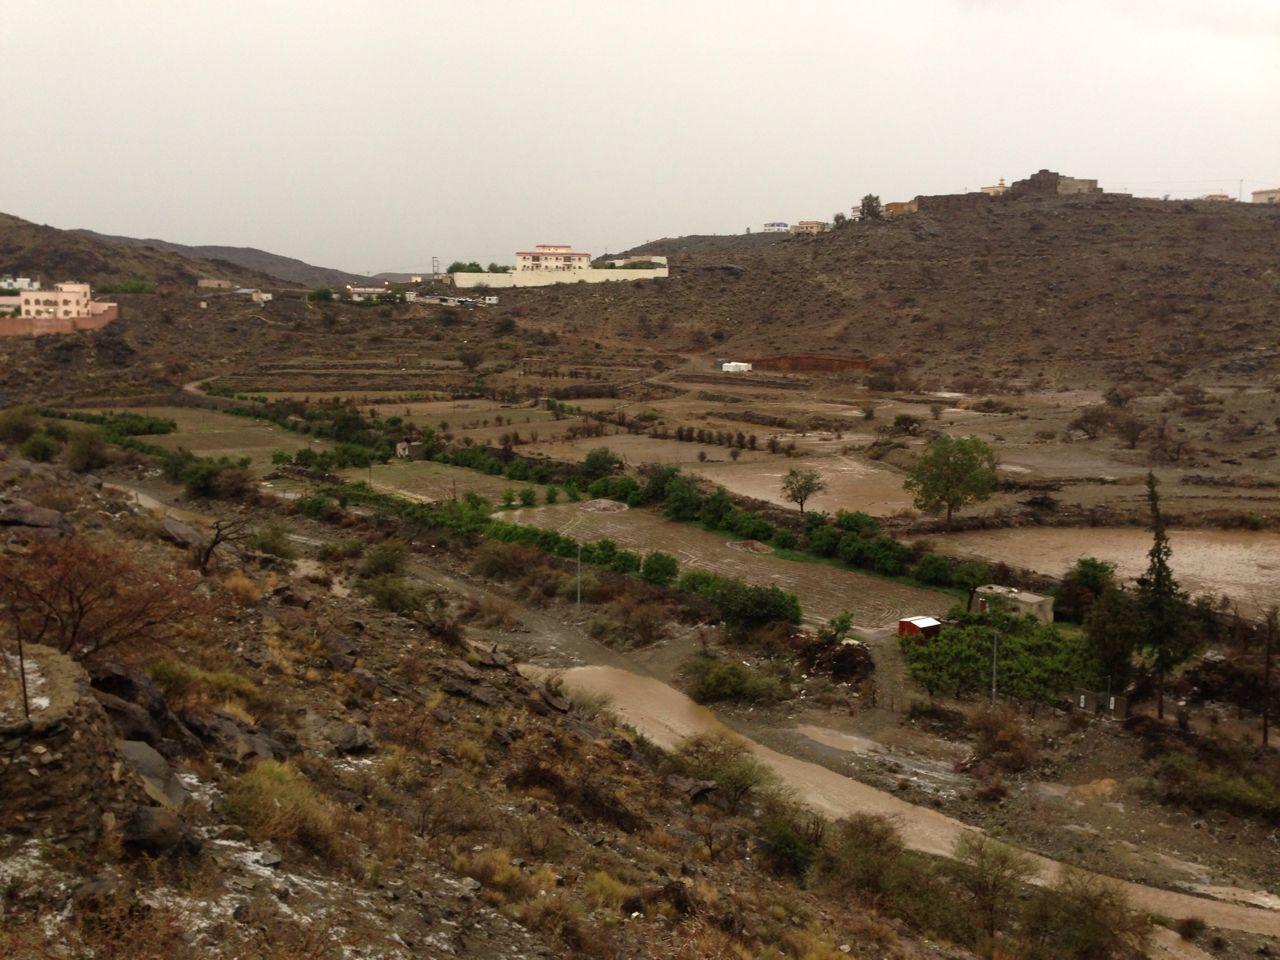 من امطار بني مالك على قري شوقب اليوم السبت 1437/6/24 CfDunK1W4AEAdbY